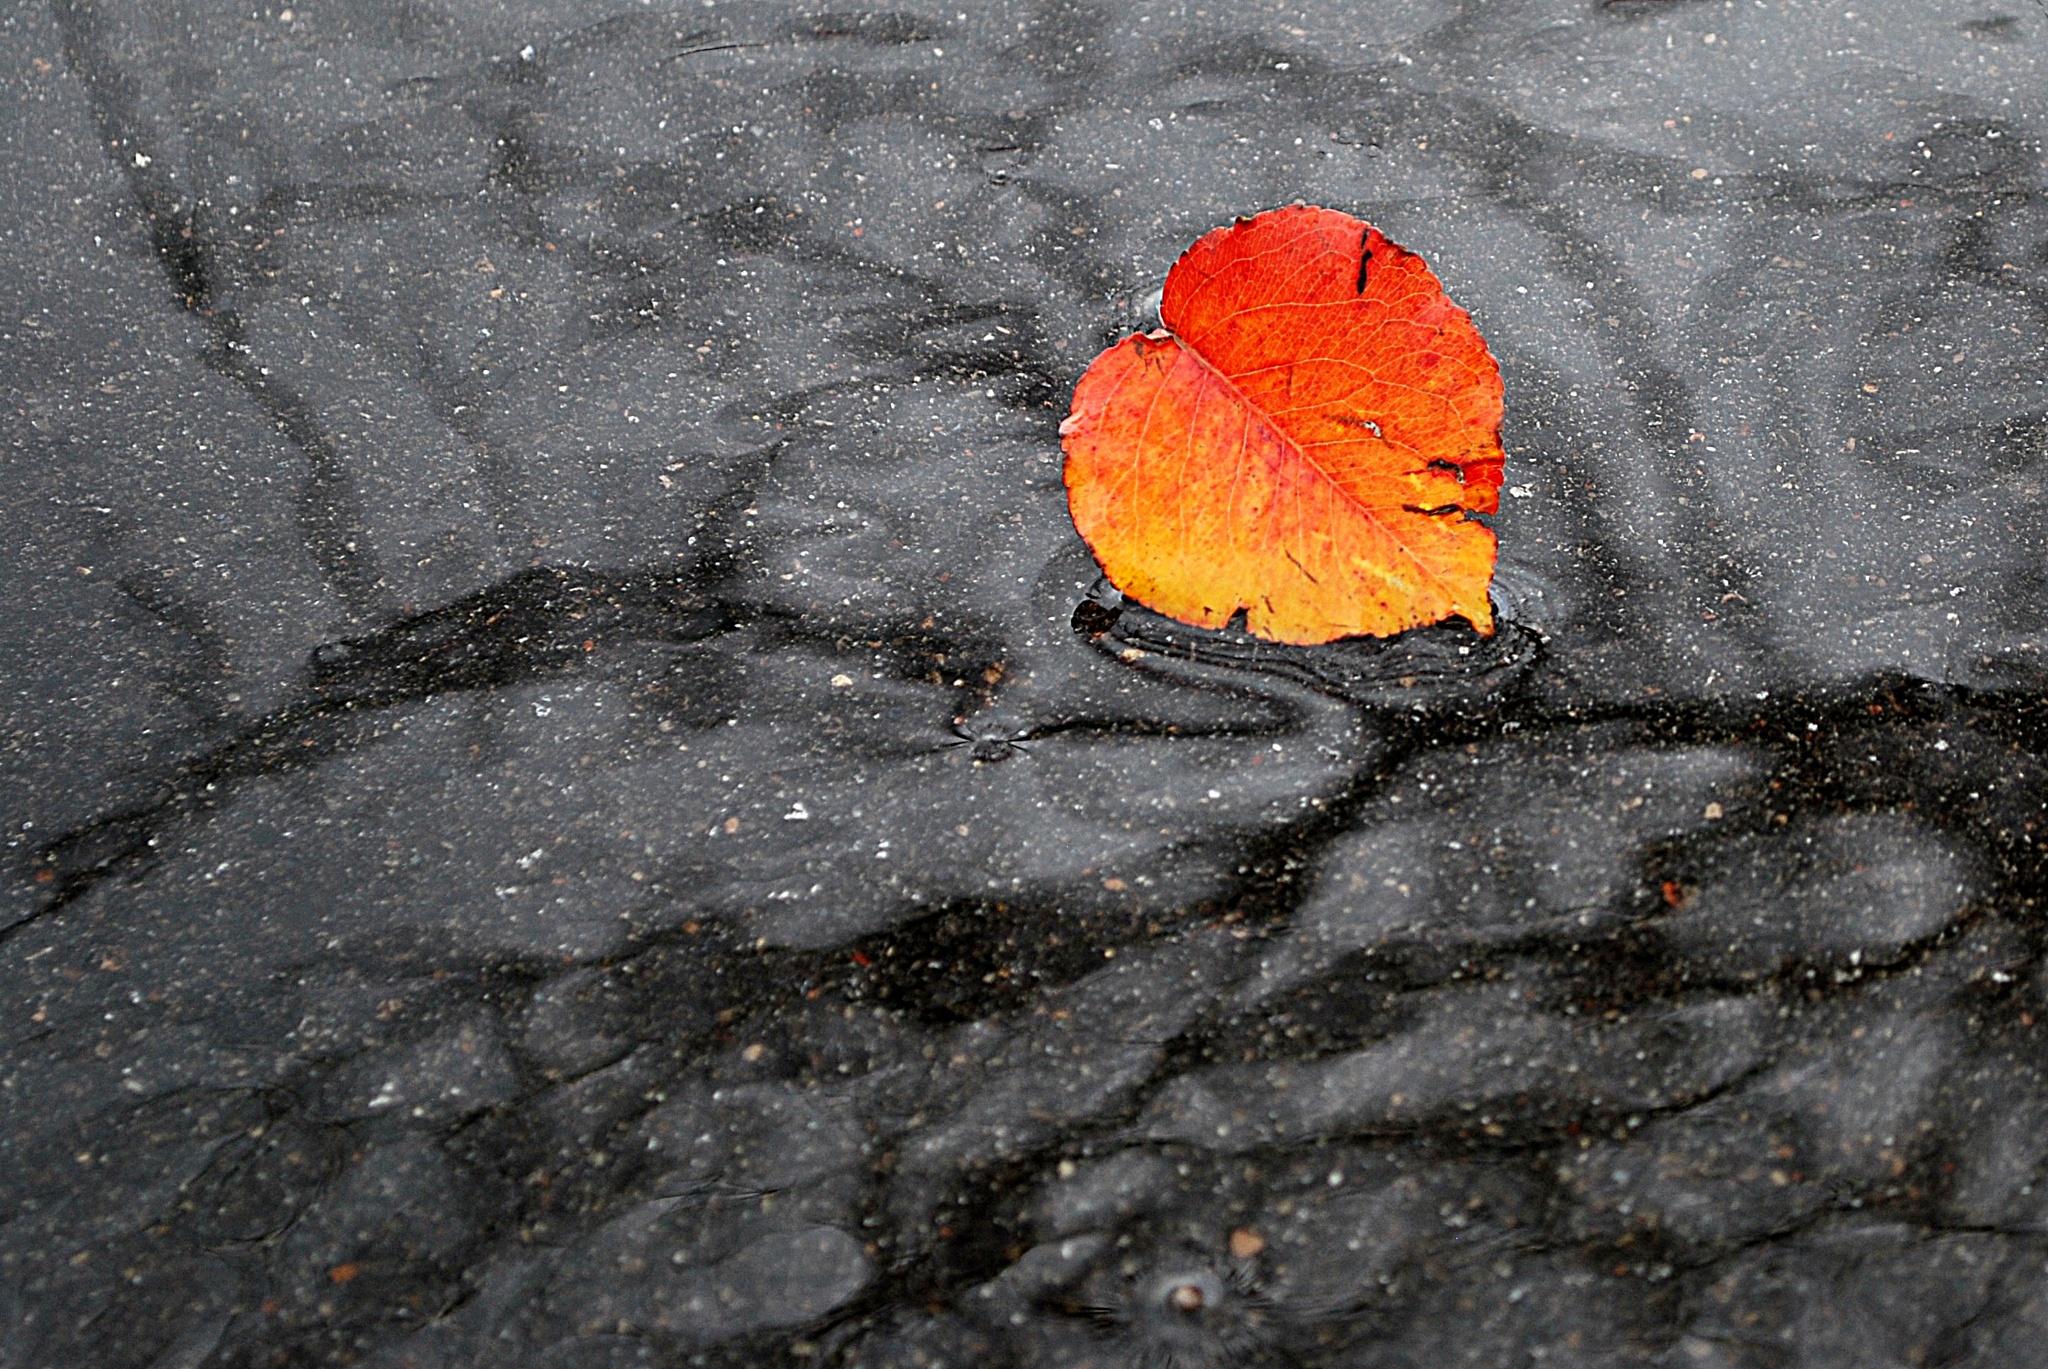 Leaf in Water by Elena Stanescu Bellu